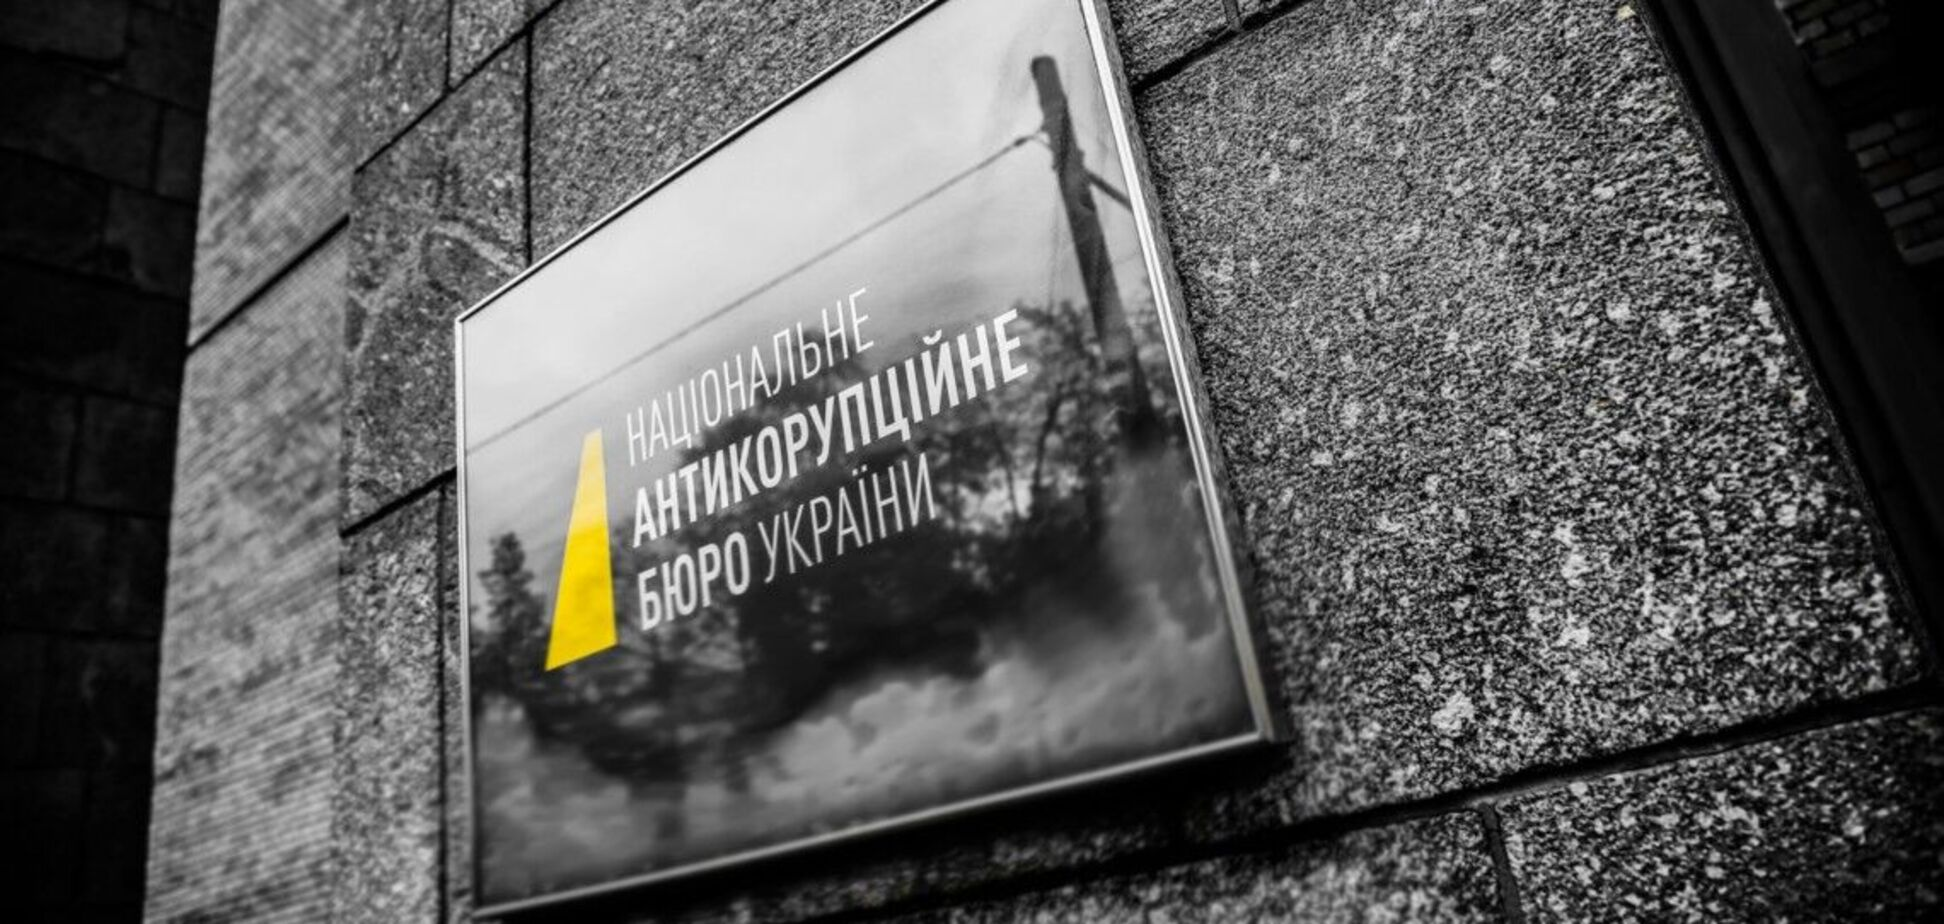 НАБУ передало в бюджет только 2 млн: СМИ указало на манипуляции Сытника